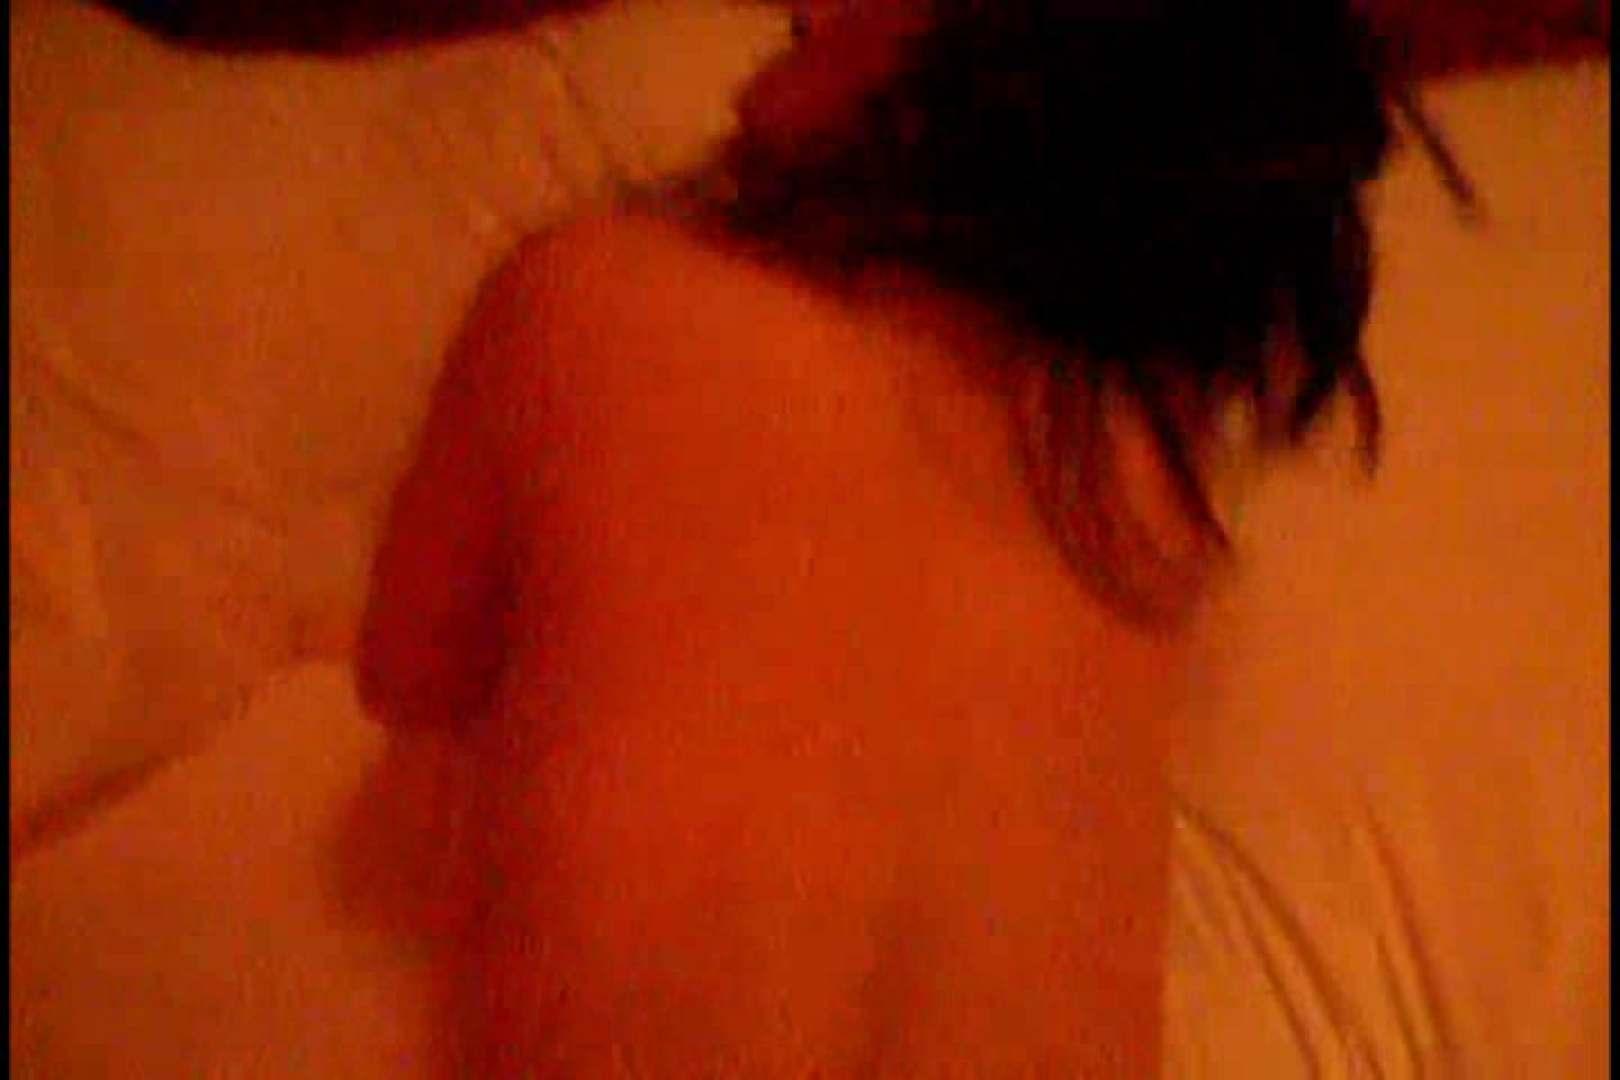 某掲示板に投稿された素人女性たちVOL.9 ホテル   素人流出  94PIX 61